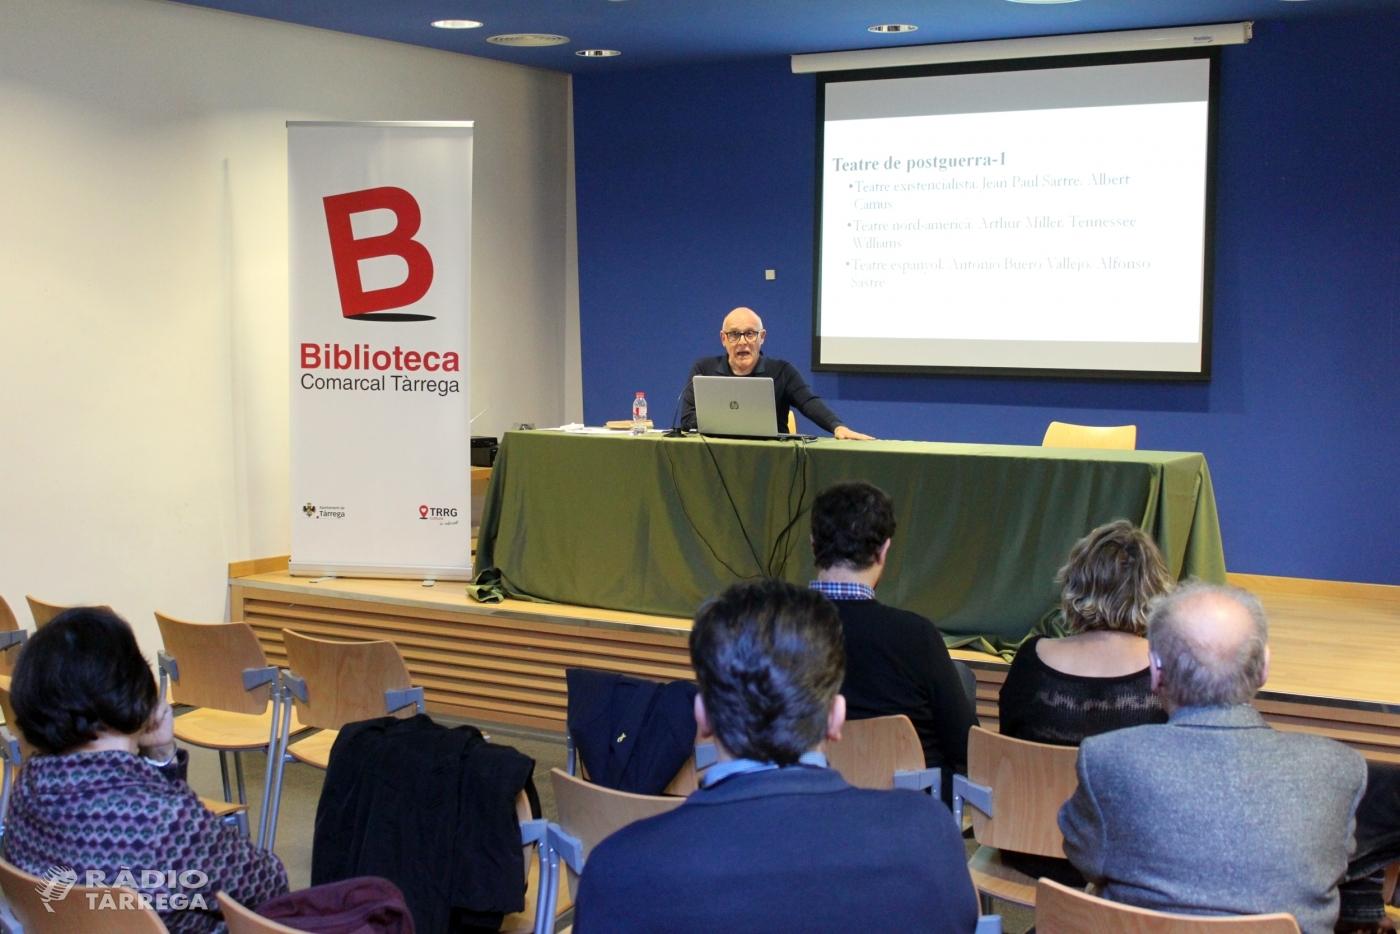 Tàrrega divulga l'obra dramàtica de l'escriptor Manuel de Pedrolo amb una conferència del catedràtic Enric Gallén